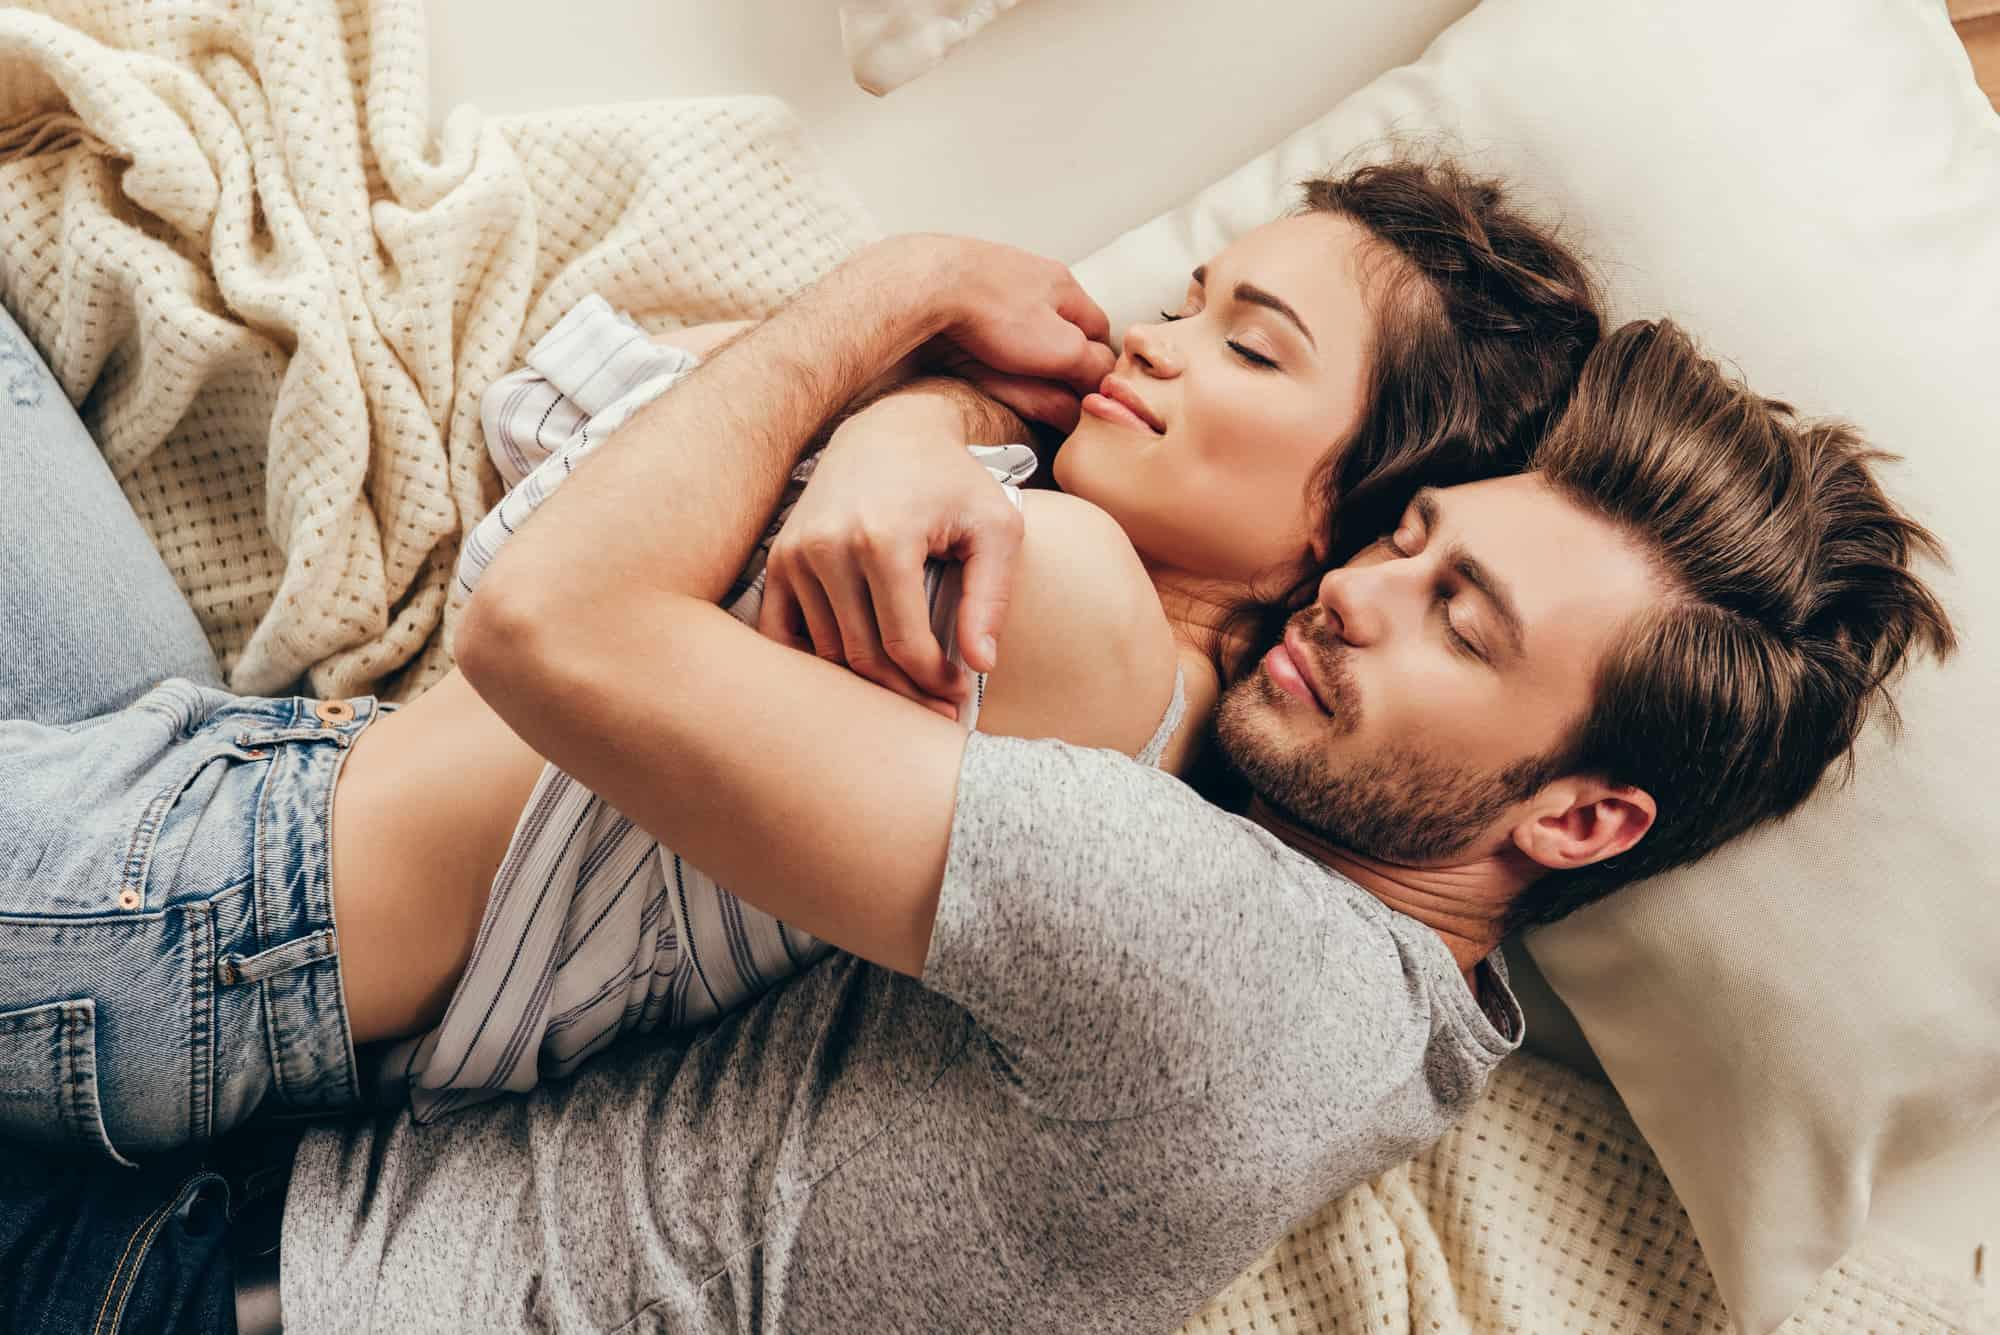 Tips for making boyfriend